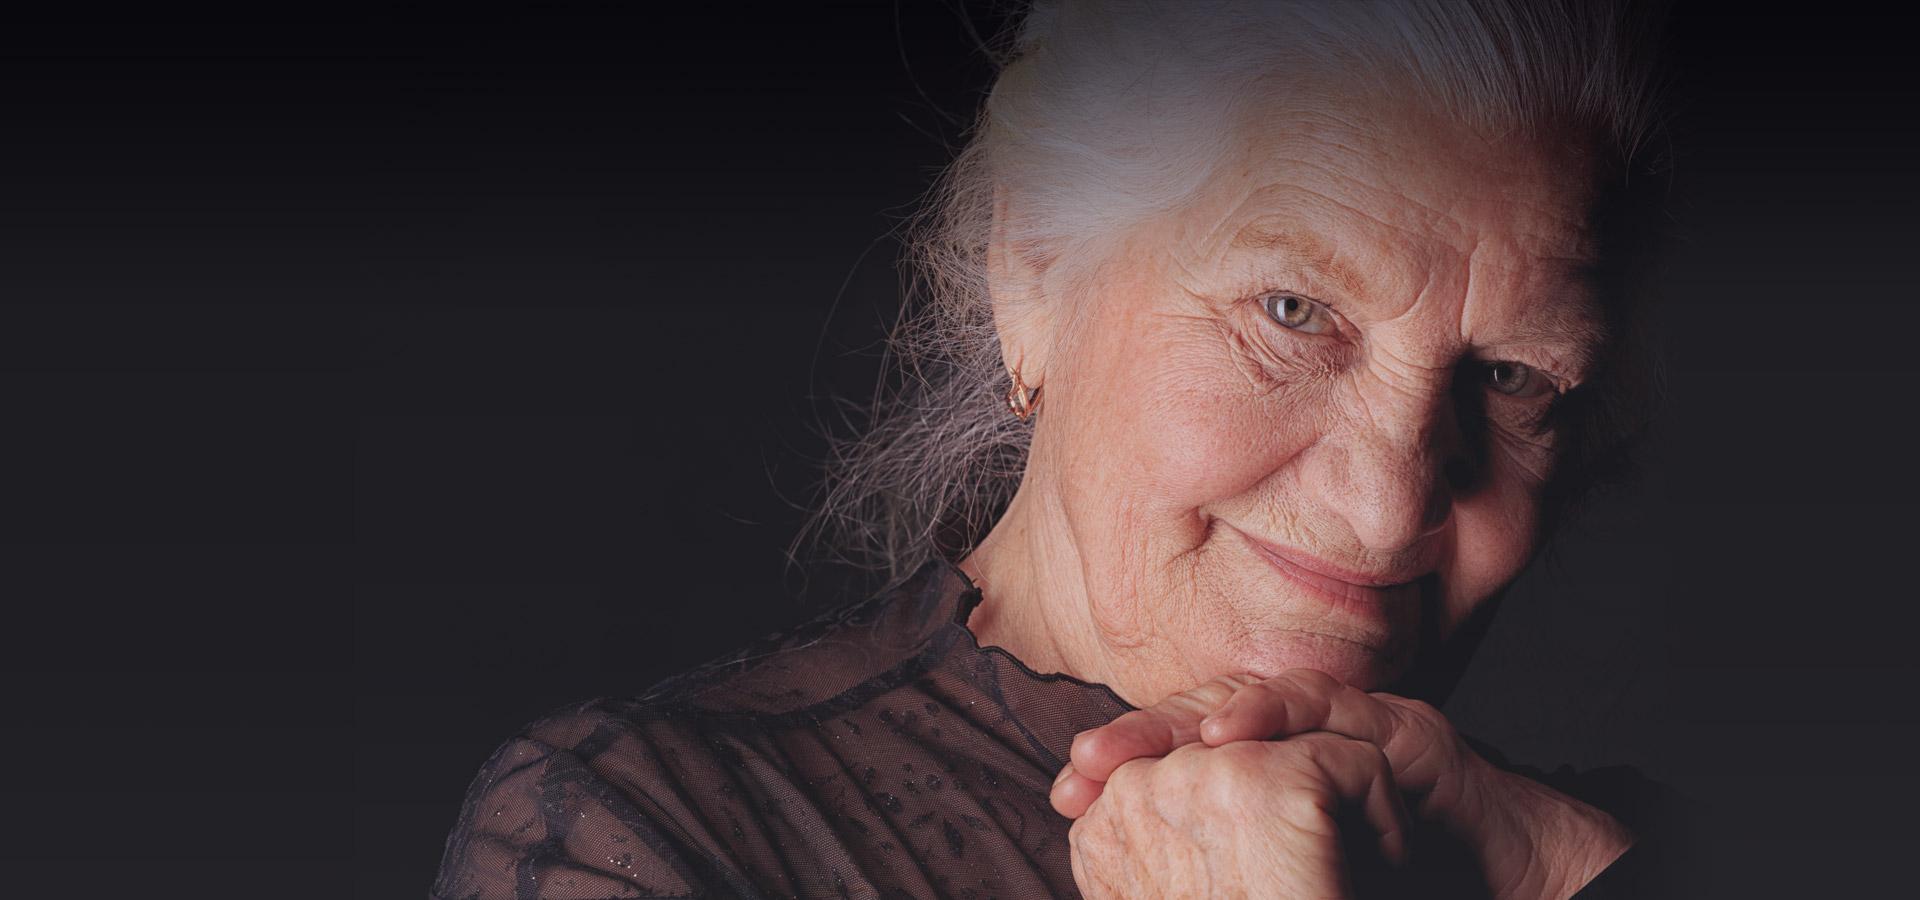 slider_elderlyWoman